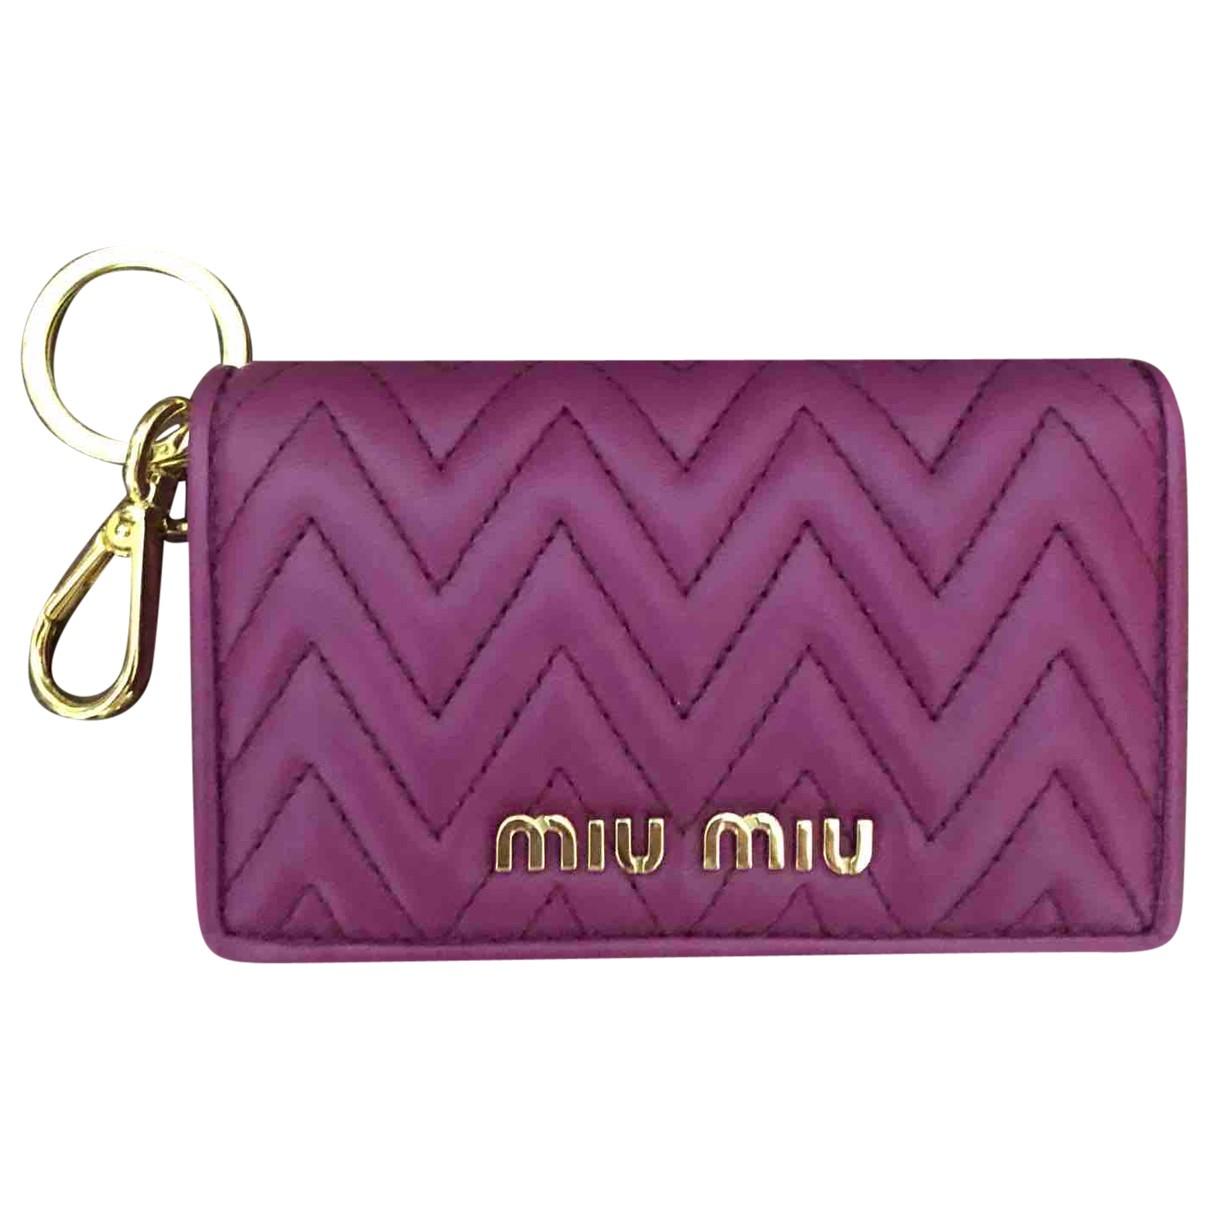 Miu Miu - Petite maroquinerie   pour femme en cuir - violet